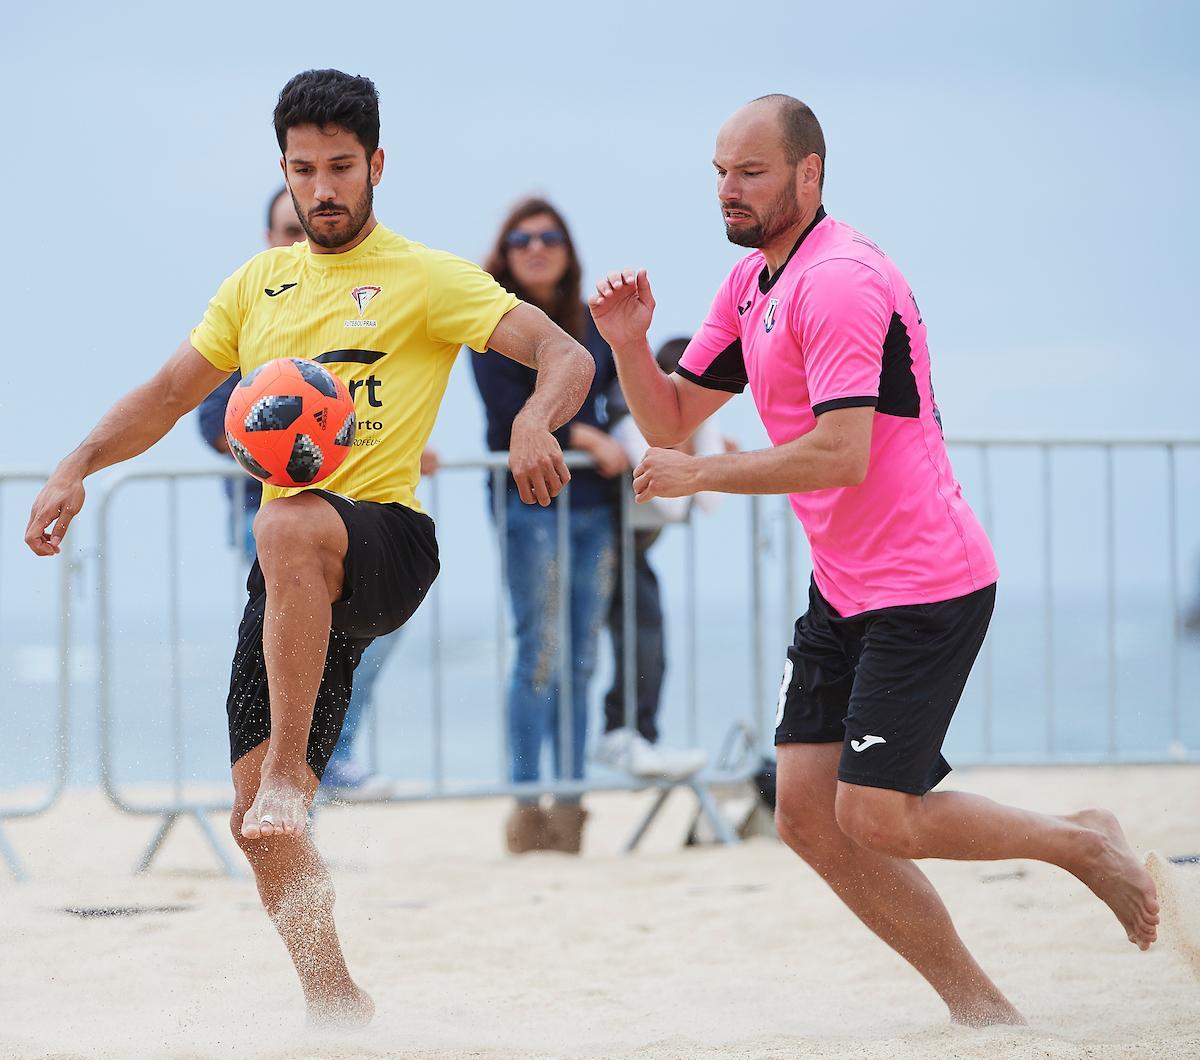 Вибір програл вже в першому раунді плей-офф Кубка європейських чемпіонів / beachsoccer.org.ua